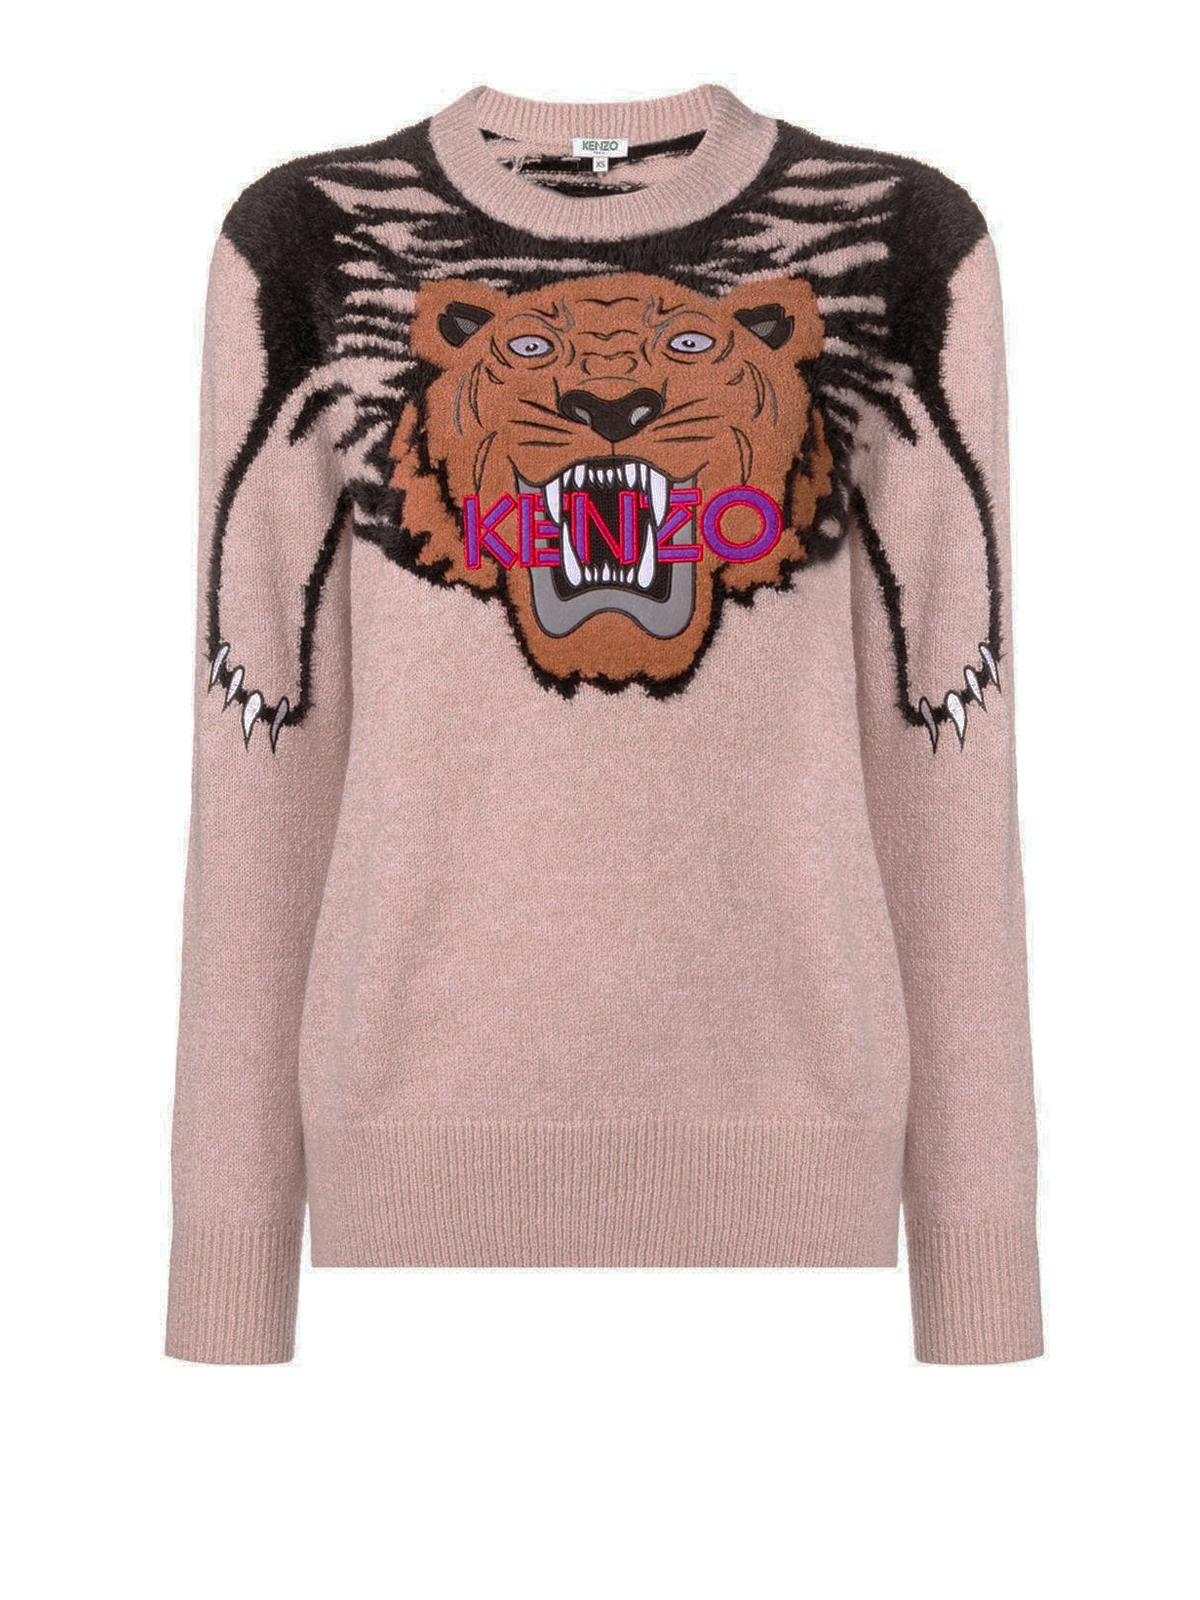 Kenzo Tiger In Con Maglia Lana Maglione Intarsio Misto Collo O0Pwk8n